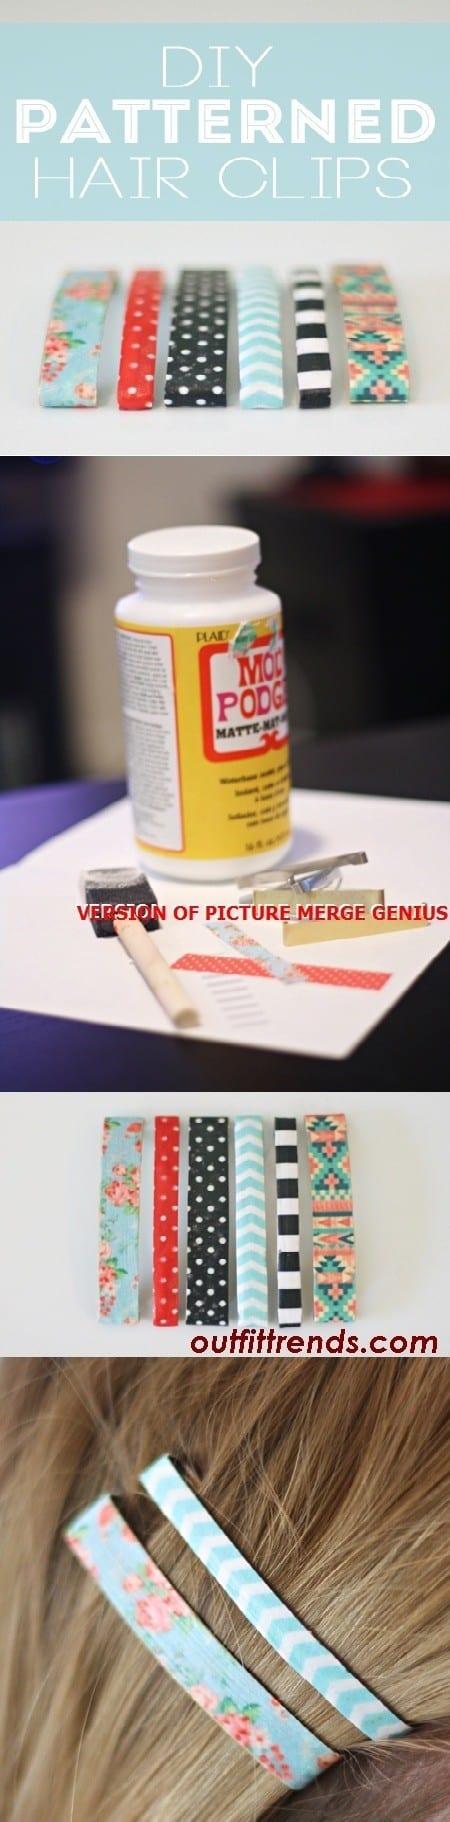 DIY Hair Pin Accessories